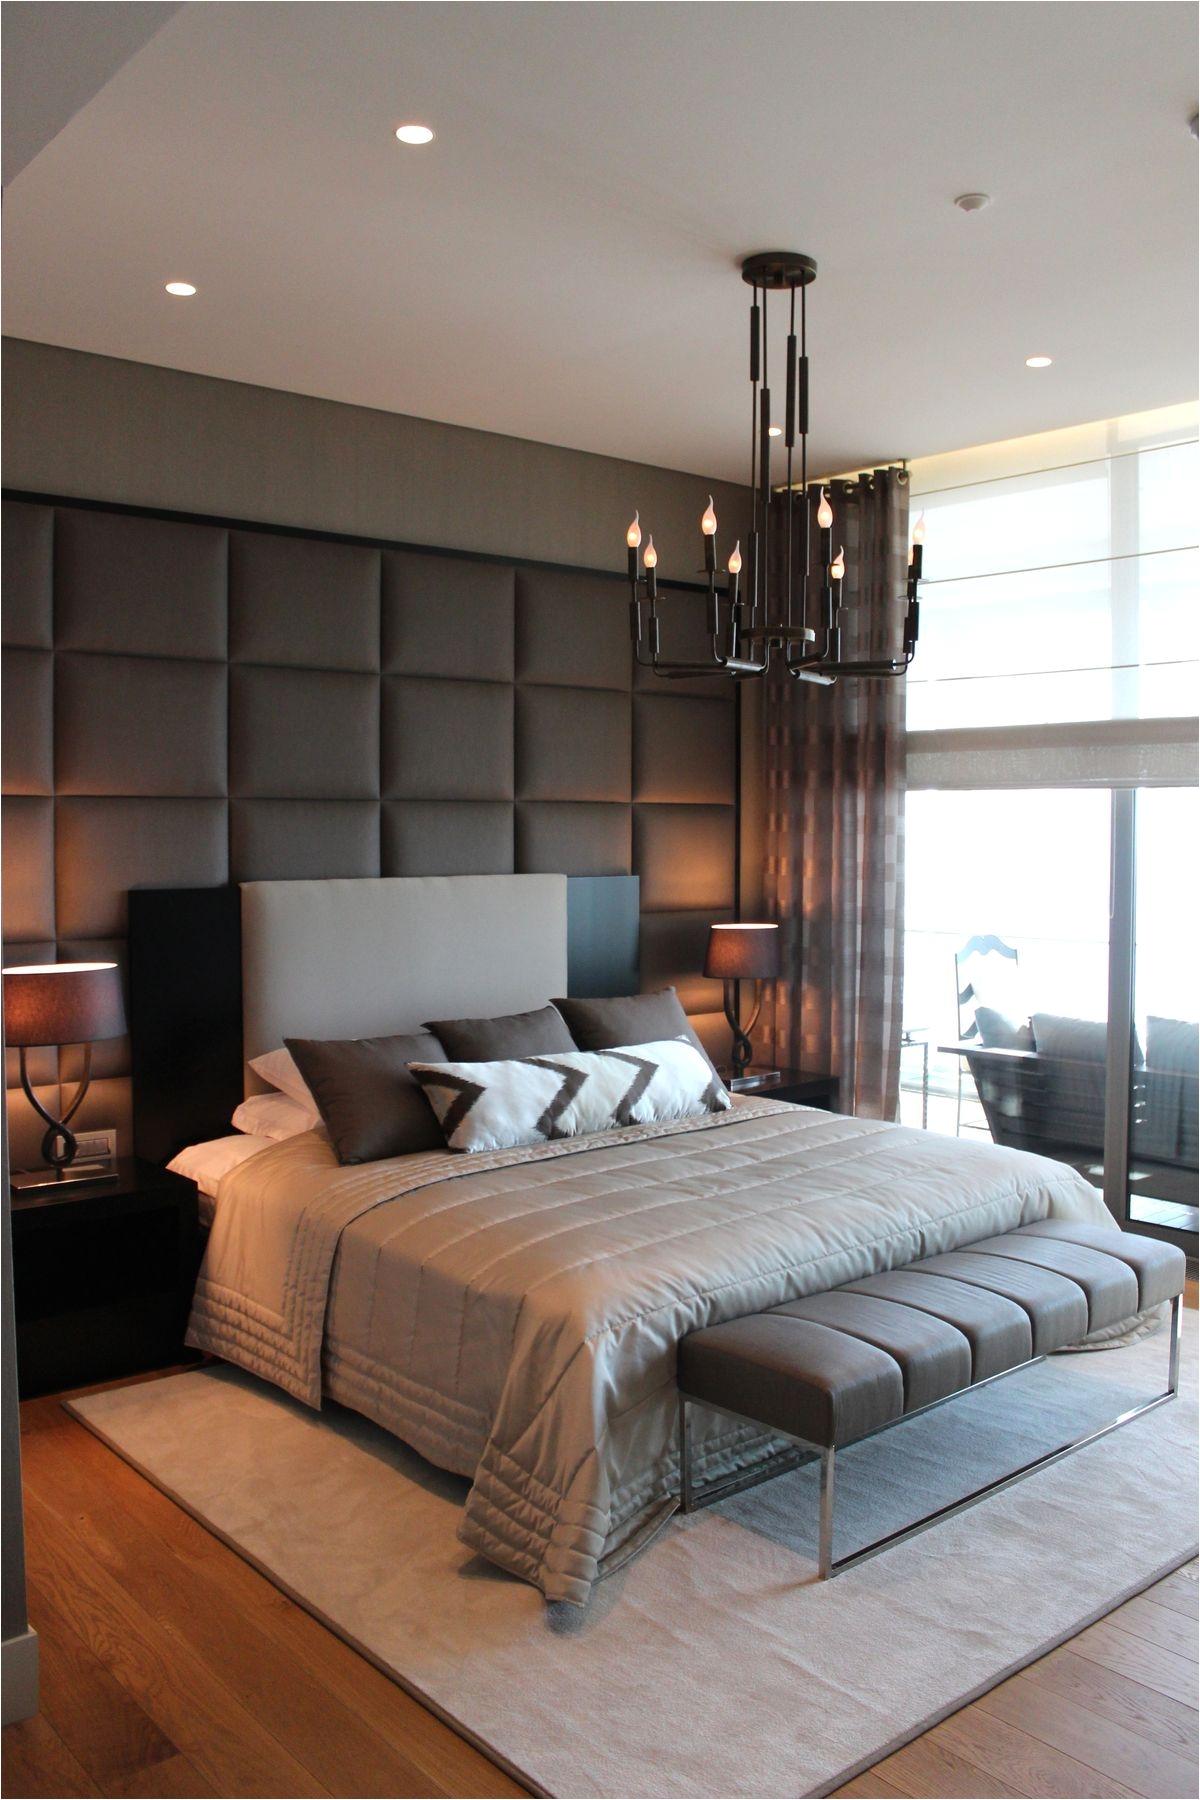 Mens Bedroom Ideas Media Cache Ec0 Pinimg 1200x 03 01 0d